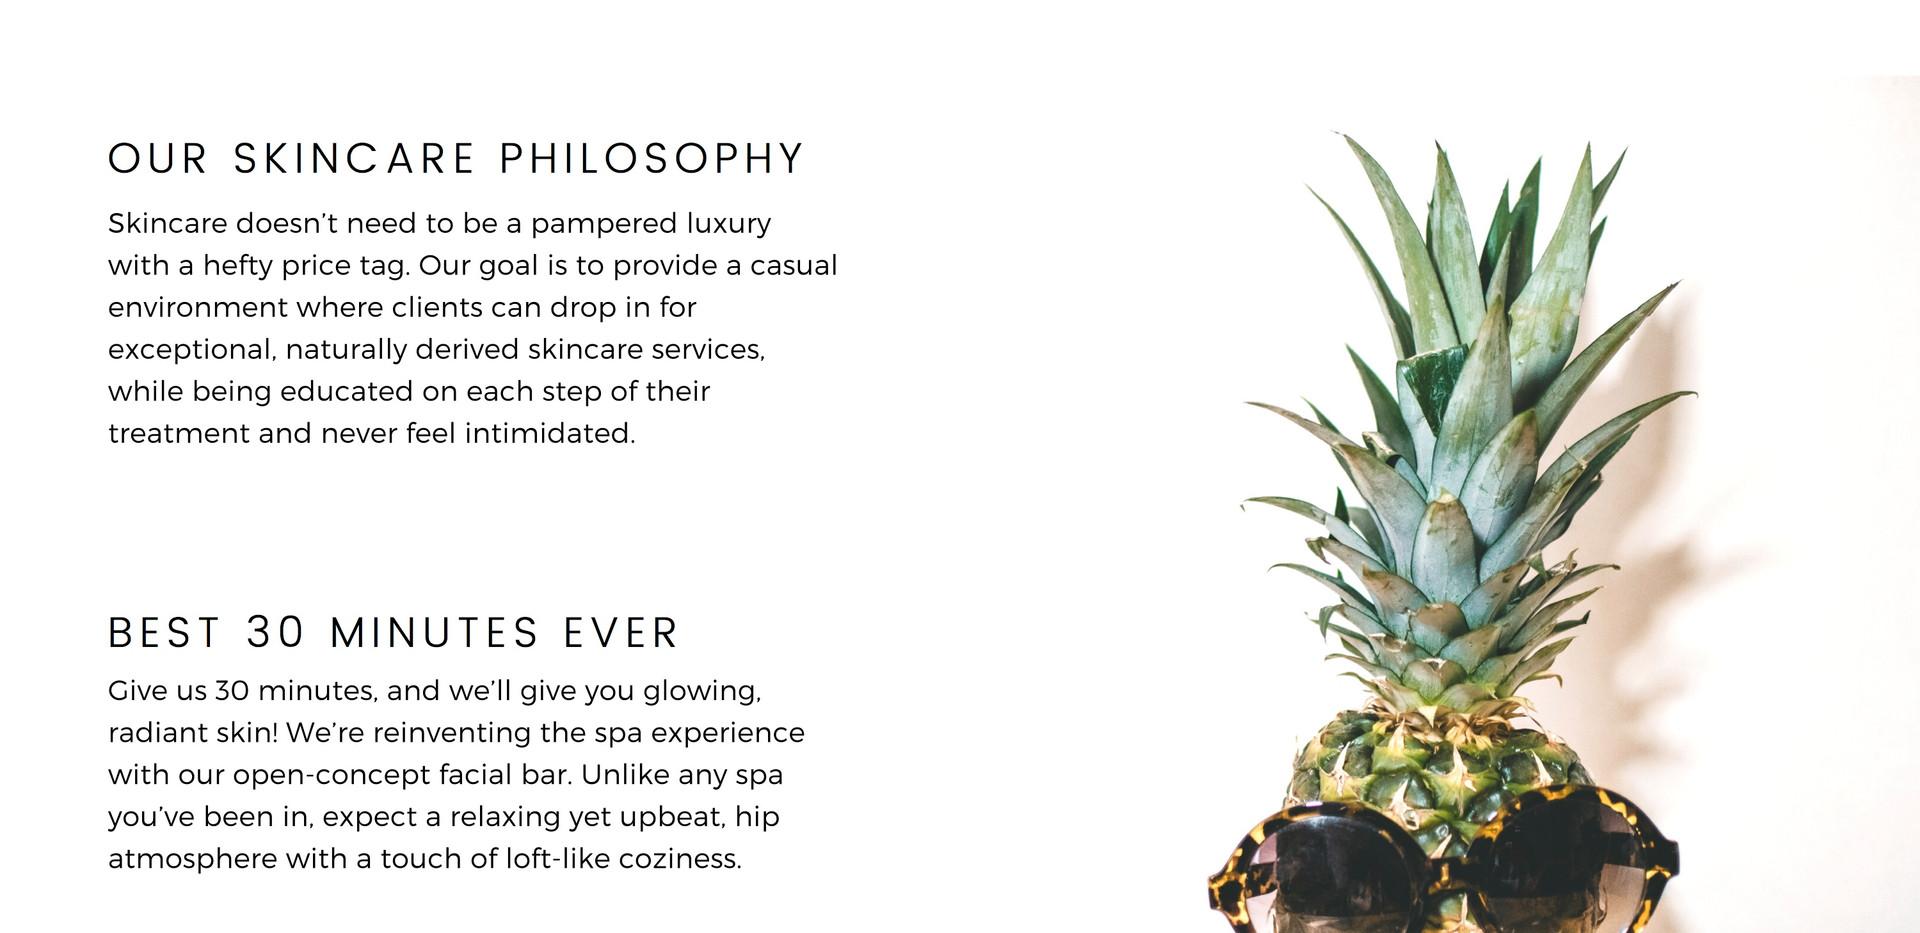 Franchise - Our Skincare Philosophy.jpg